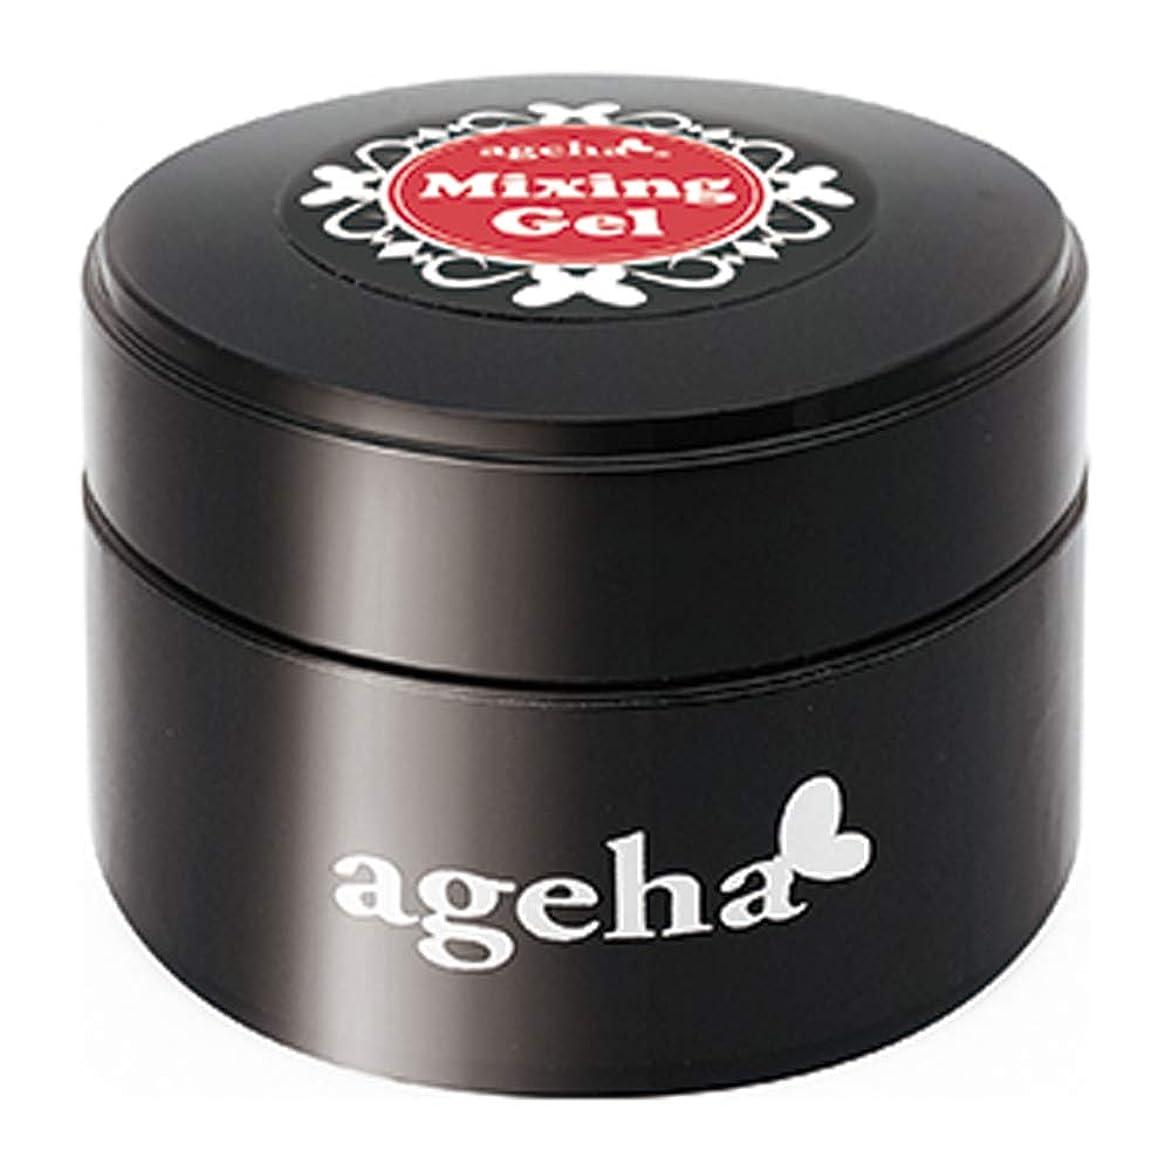 ストレスの多いお香領事館ageha ミキシングジェル 23g UV/LED対応